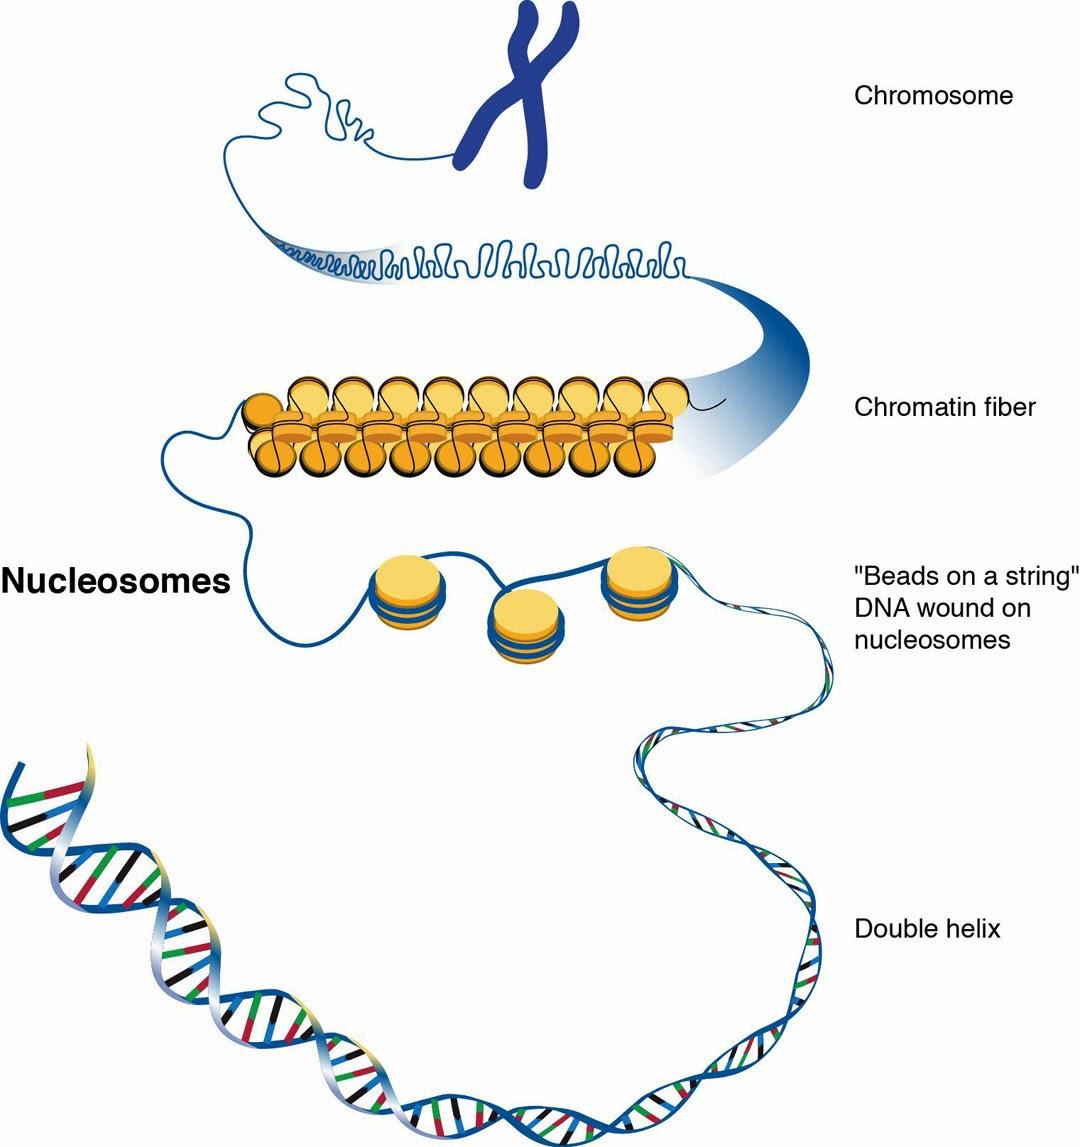 生命科學迷的浮生掠影: 去氧核醣核酸(DNA)的結構與功能2013年10月20日